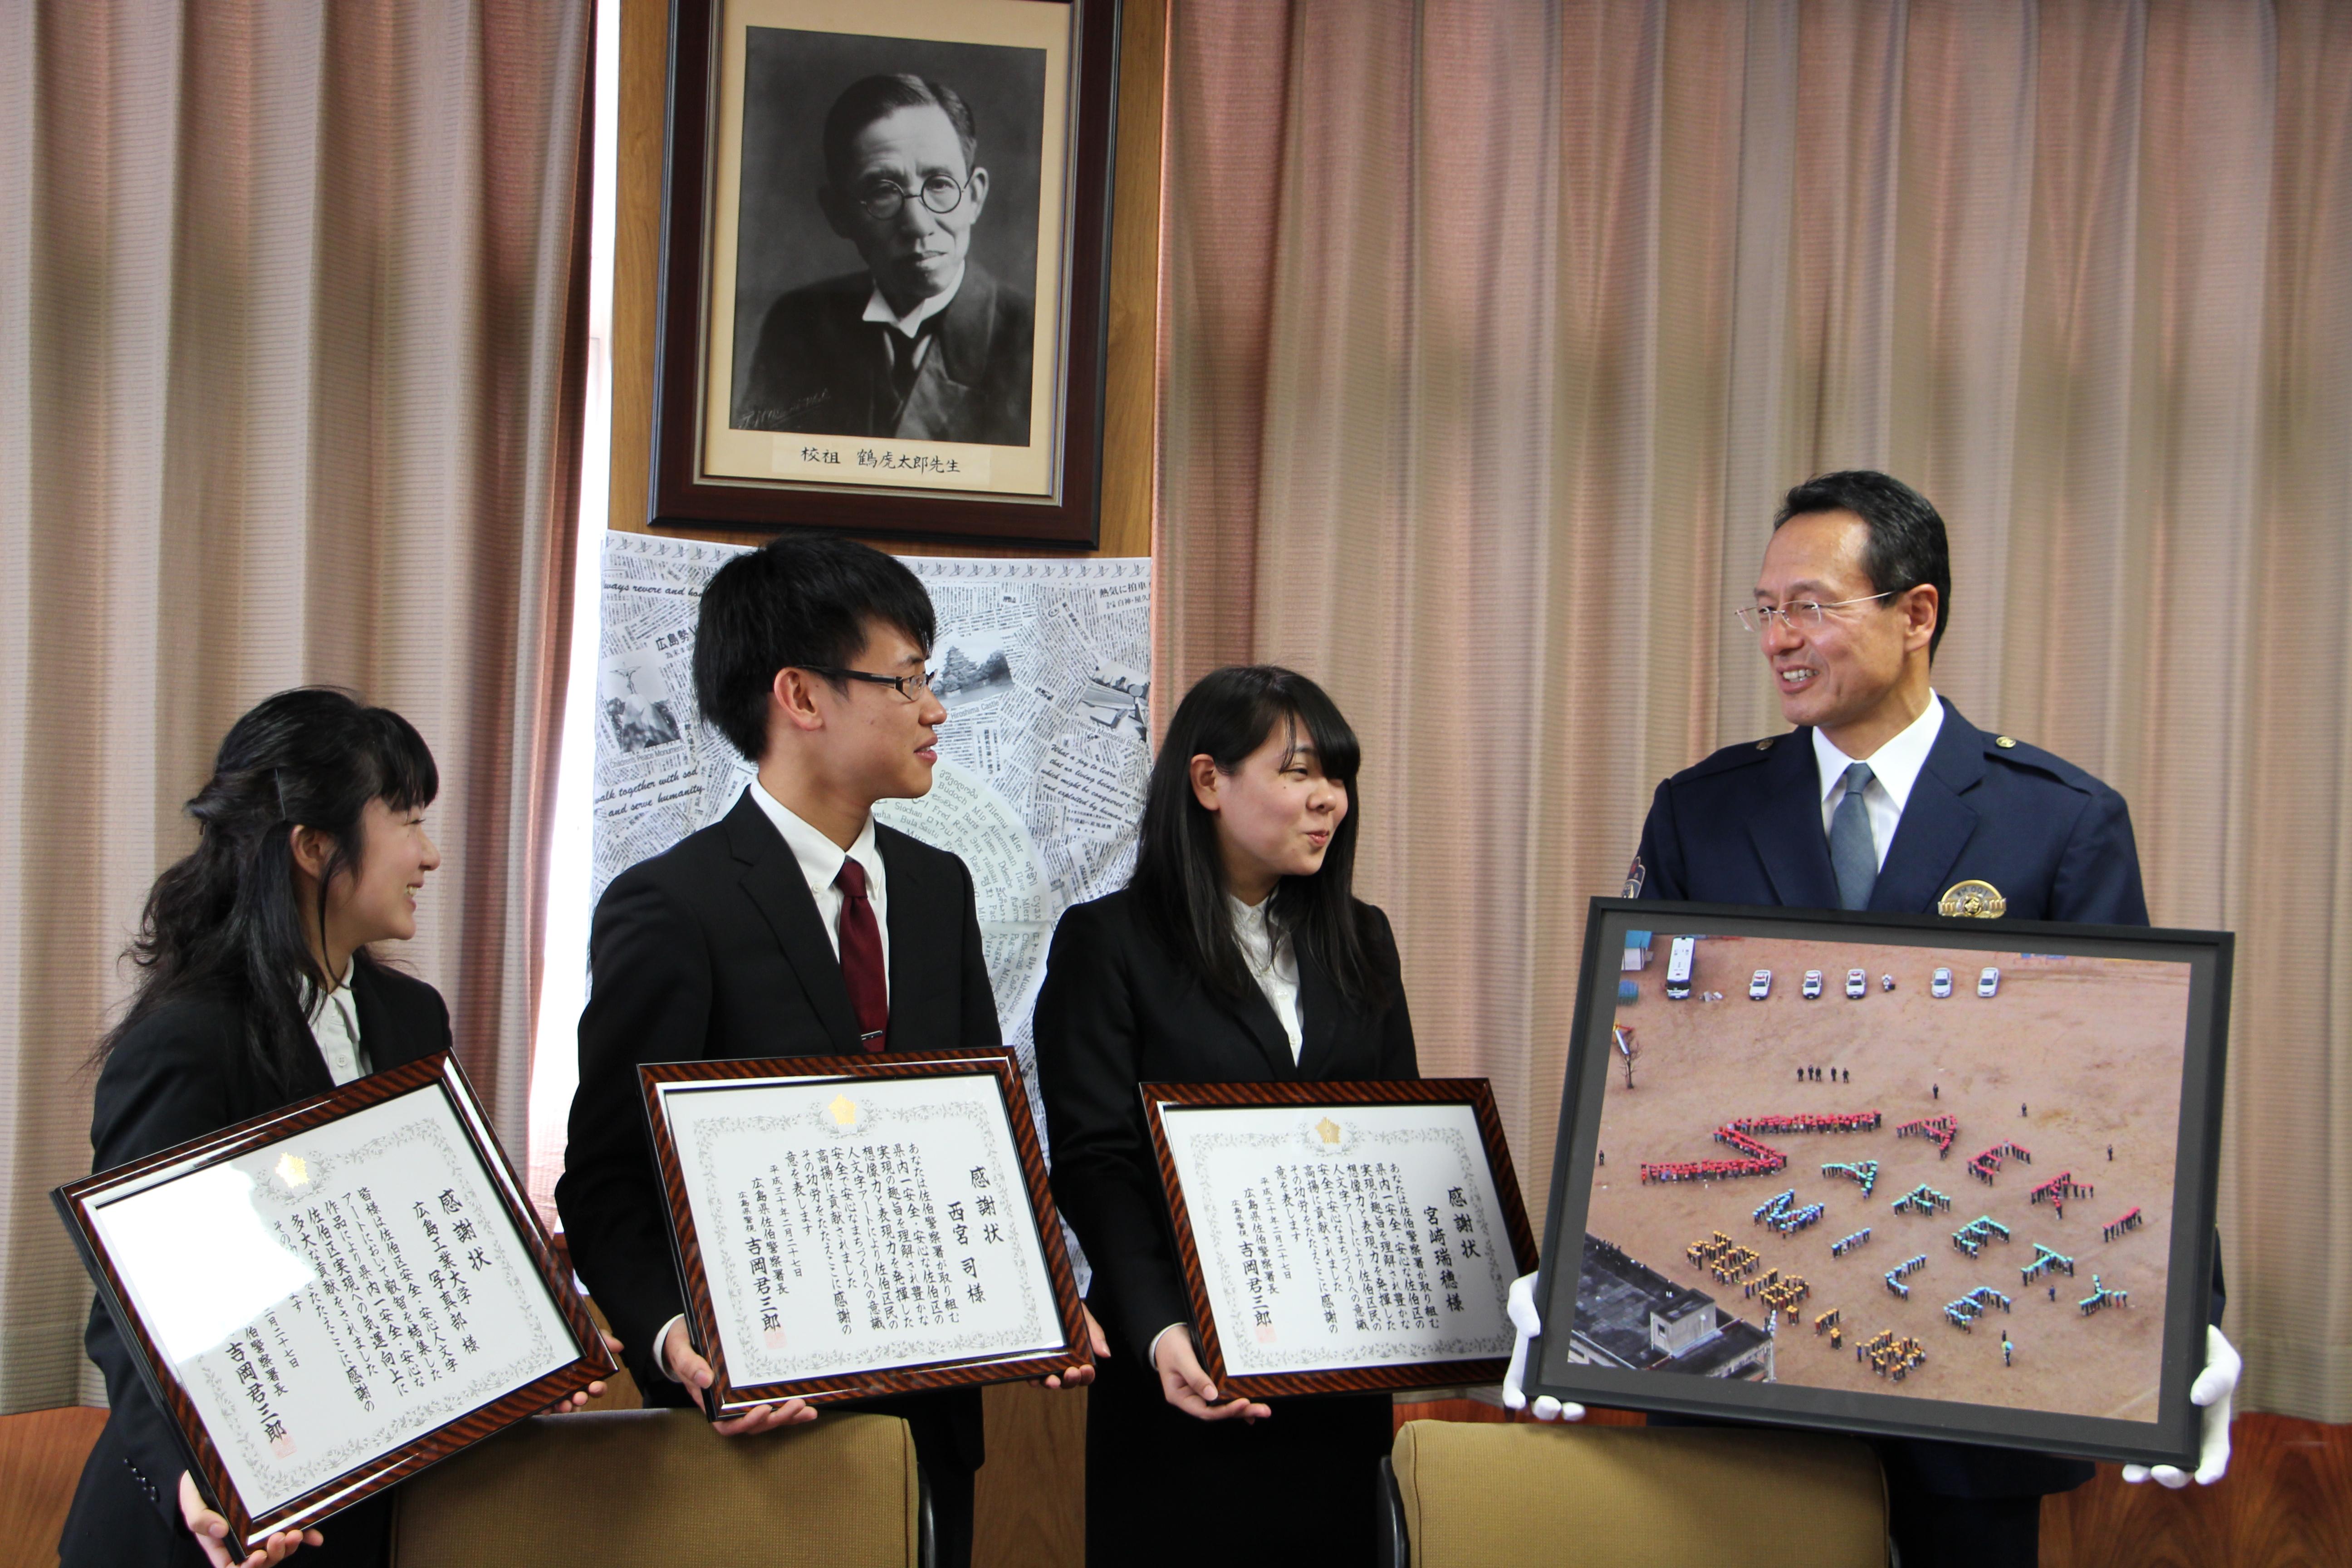 左から加藤綾花さん、西宮司さん(電子情報工学科3年)、宮崎瑞穂さん(地球環境学科2年)、吉岡君三郎佐伯警察署長